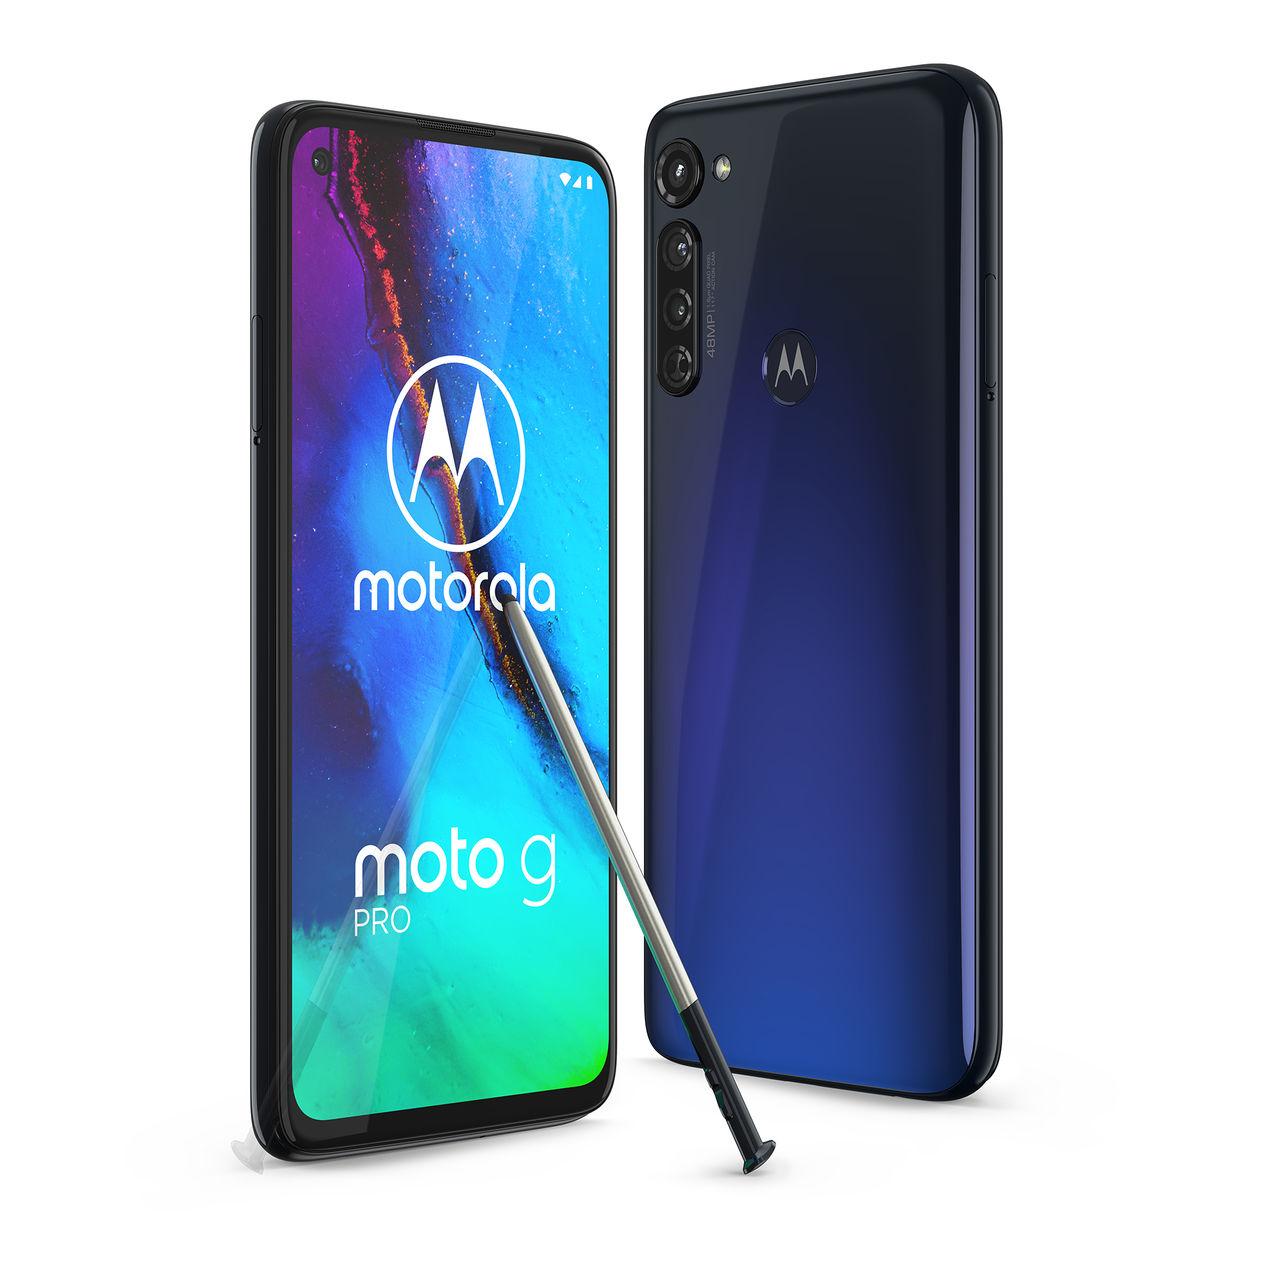 Motorola presenterar Moto G Pro